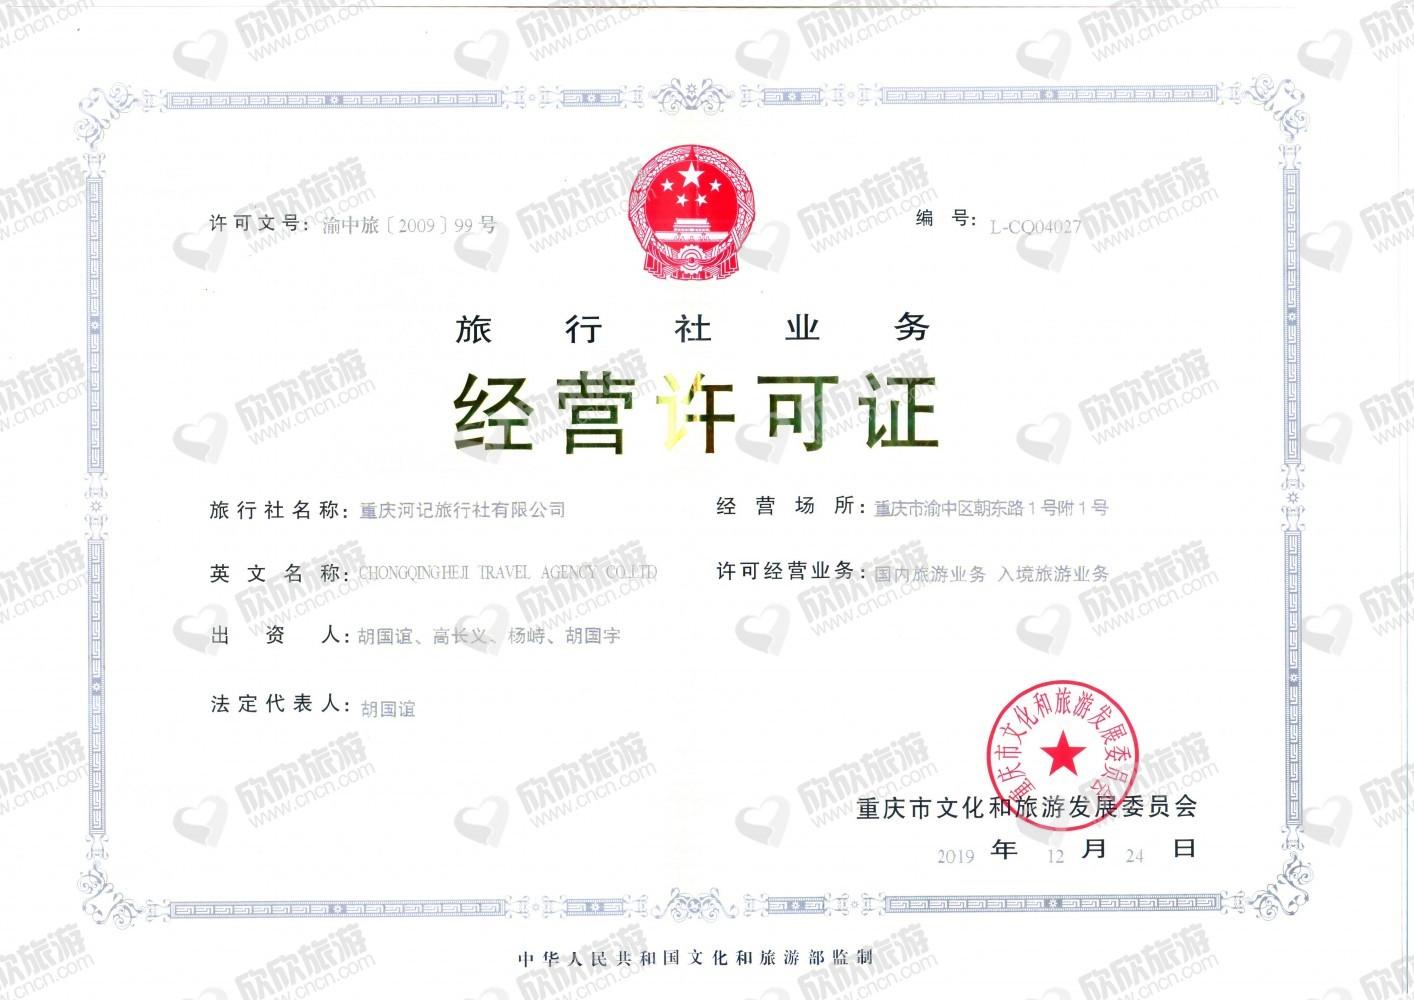 重庆河记旅行社有限公司经营许可证